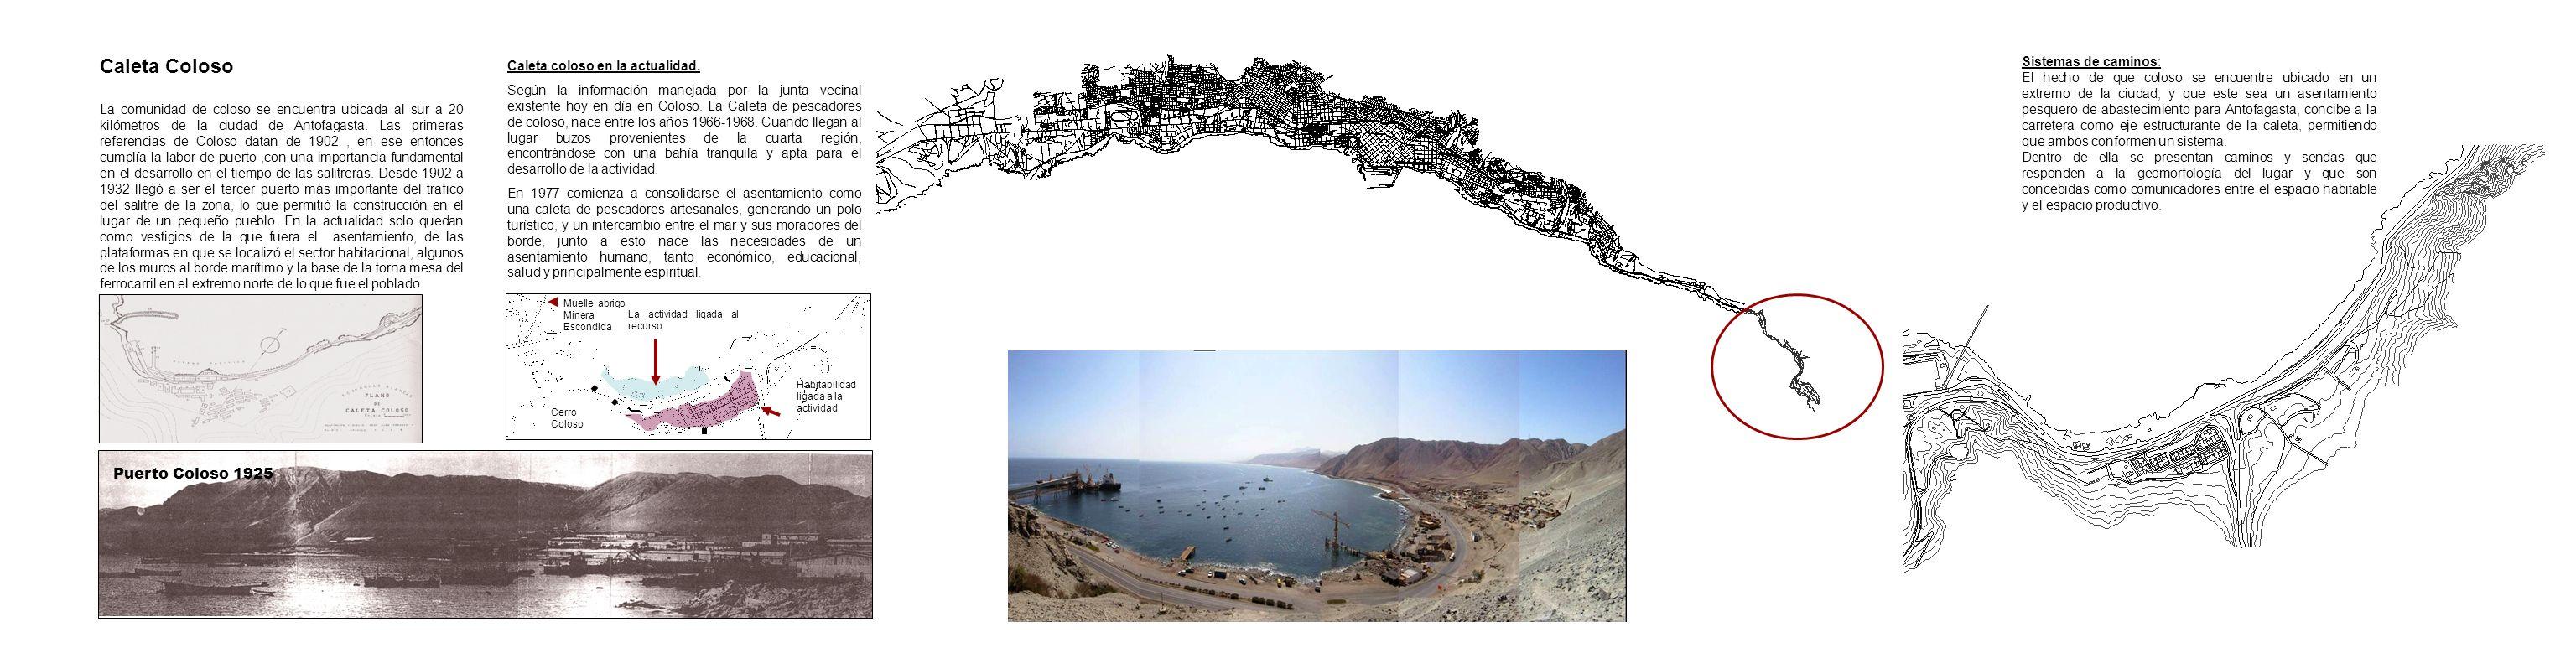 Puerto Coloso 1925 Caleta Coloso La comunidad de coloso se encuentra ubicada al sur a 20 kilómetros de la ciudad de Antofagasta. Las primeras referenc